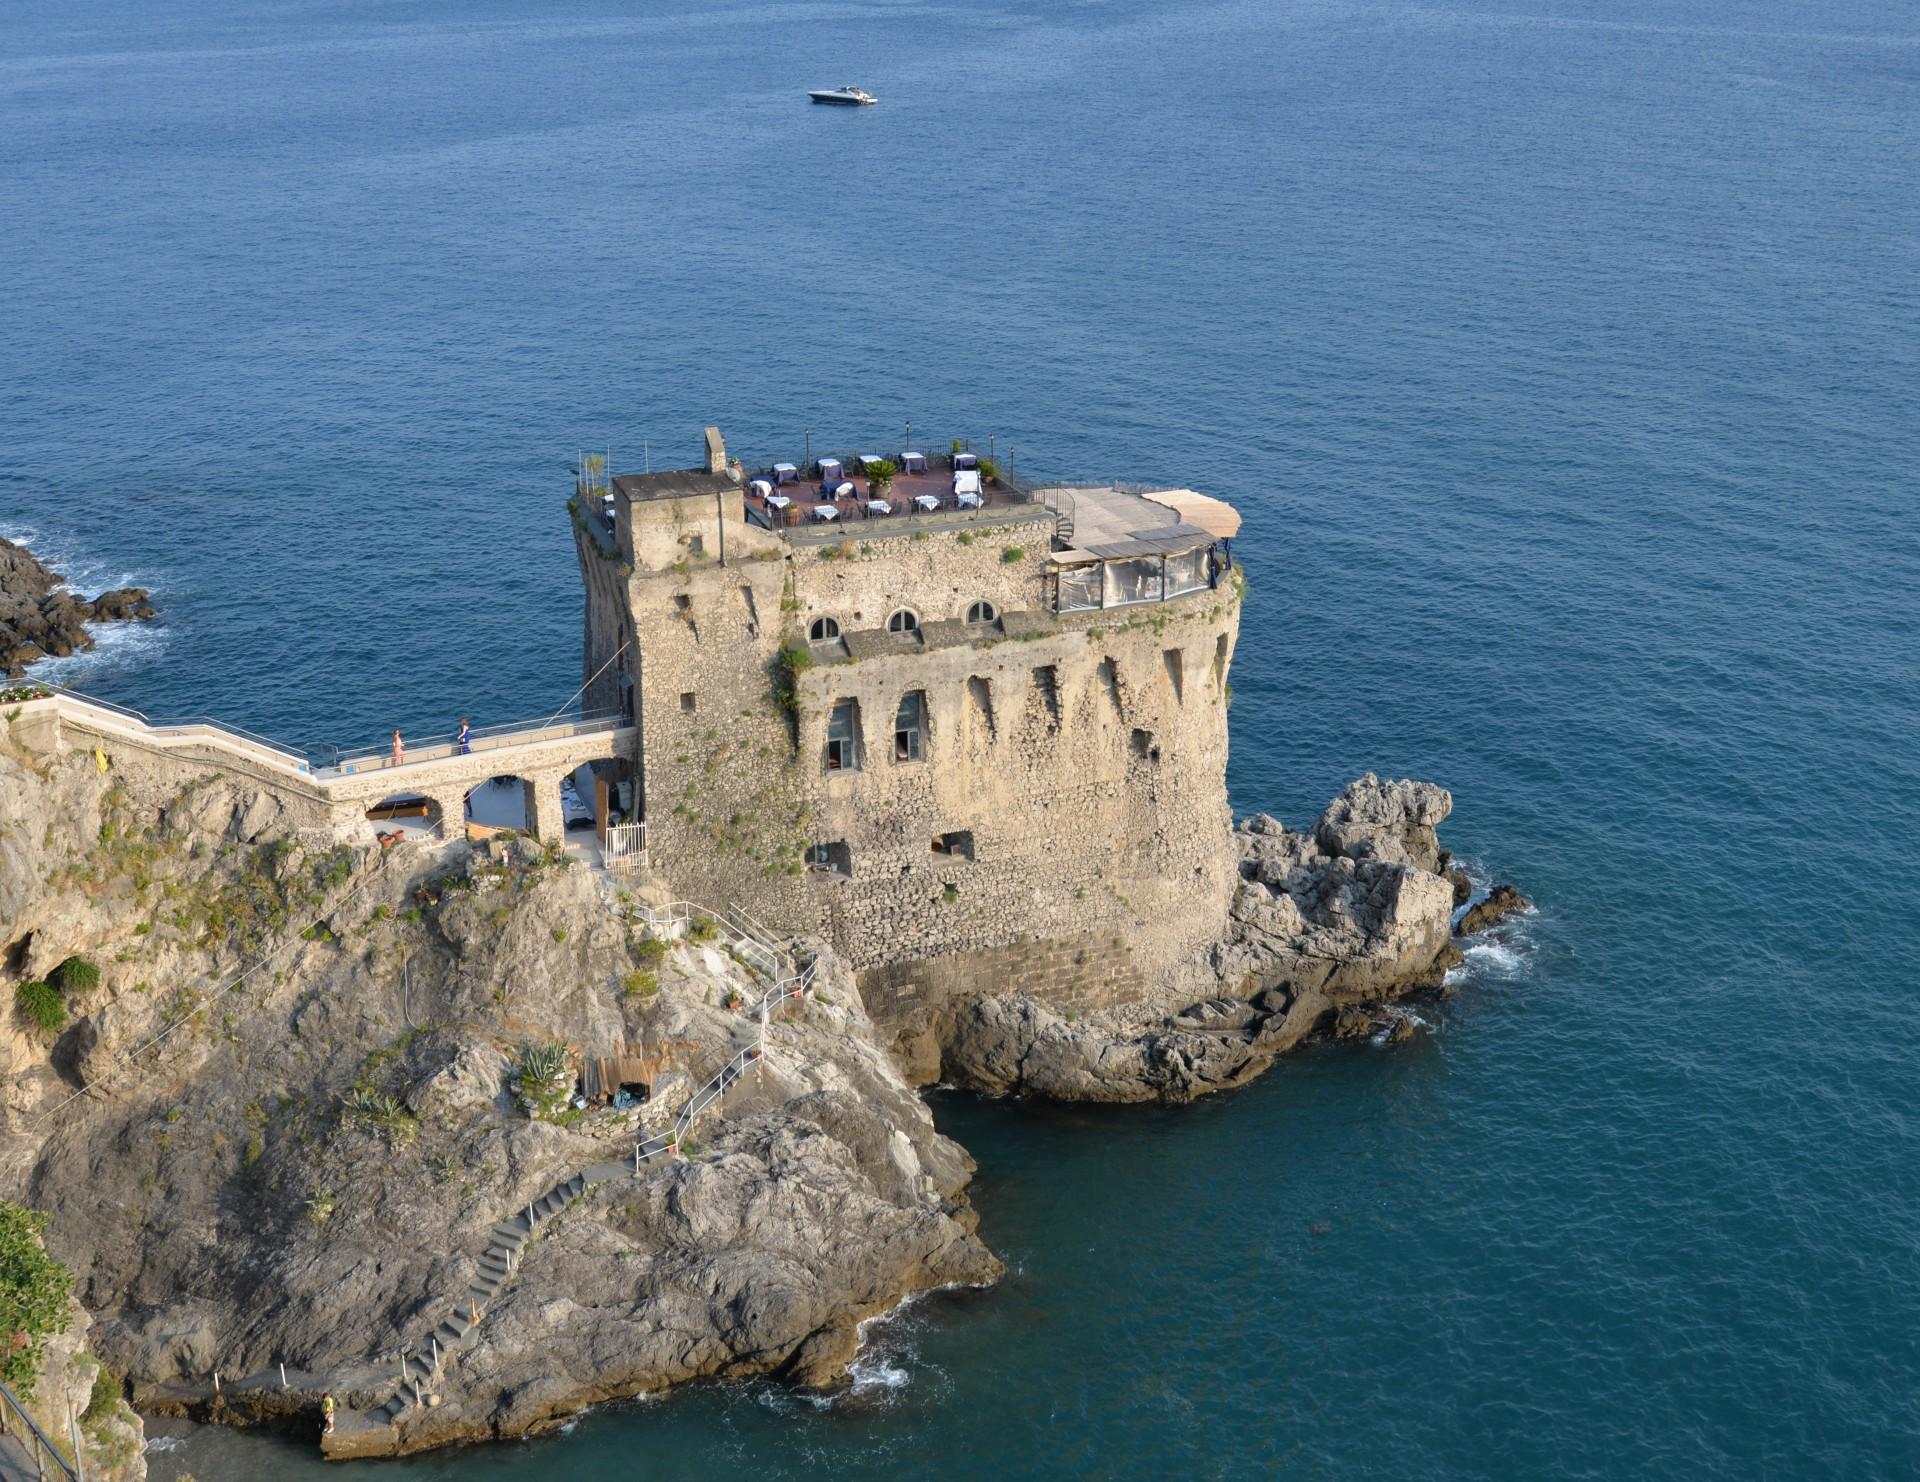 Noleggio Barche Amalfi - Navalia | Noleggia un Sogno